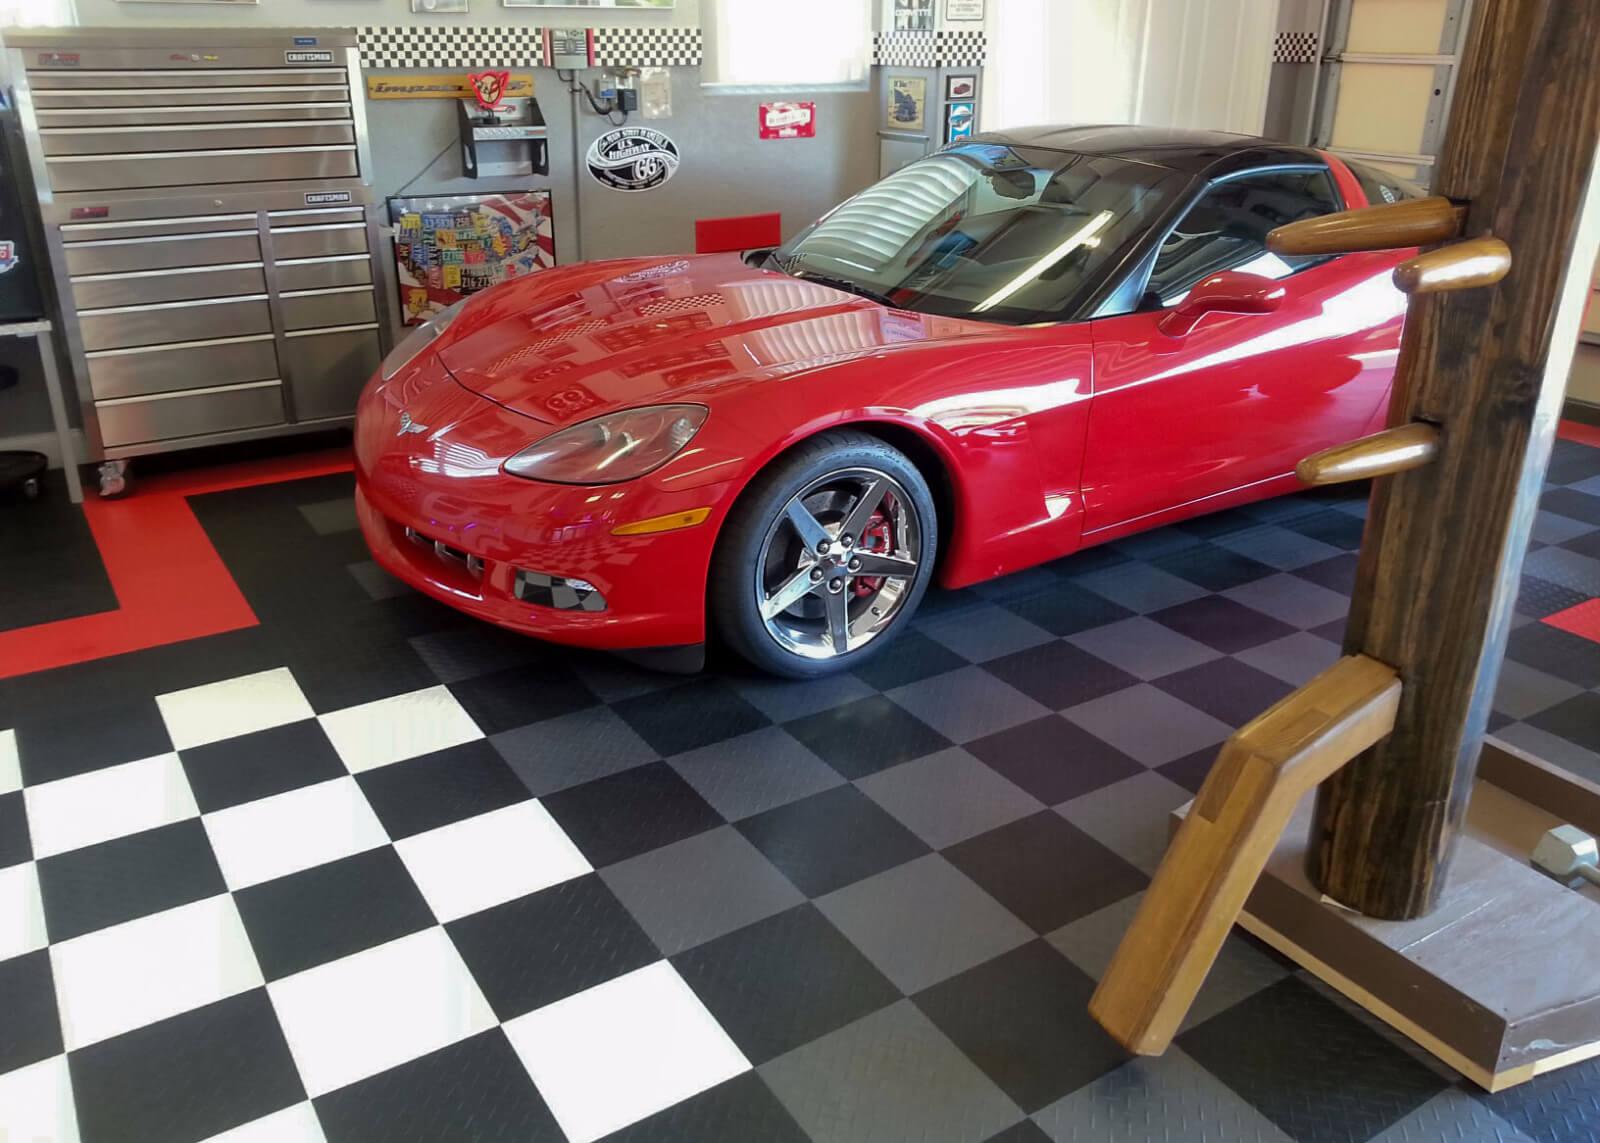 Corvette on RaceDeck Diamond checkered garage floor